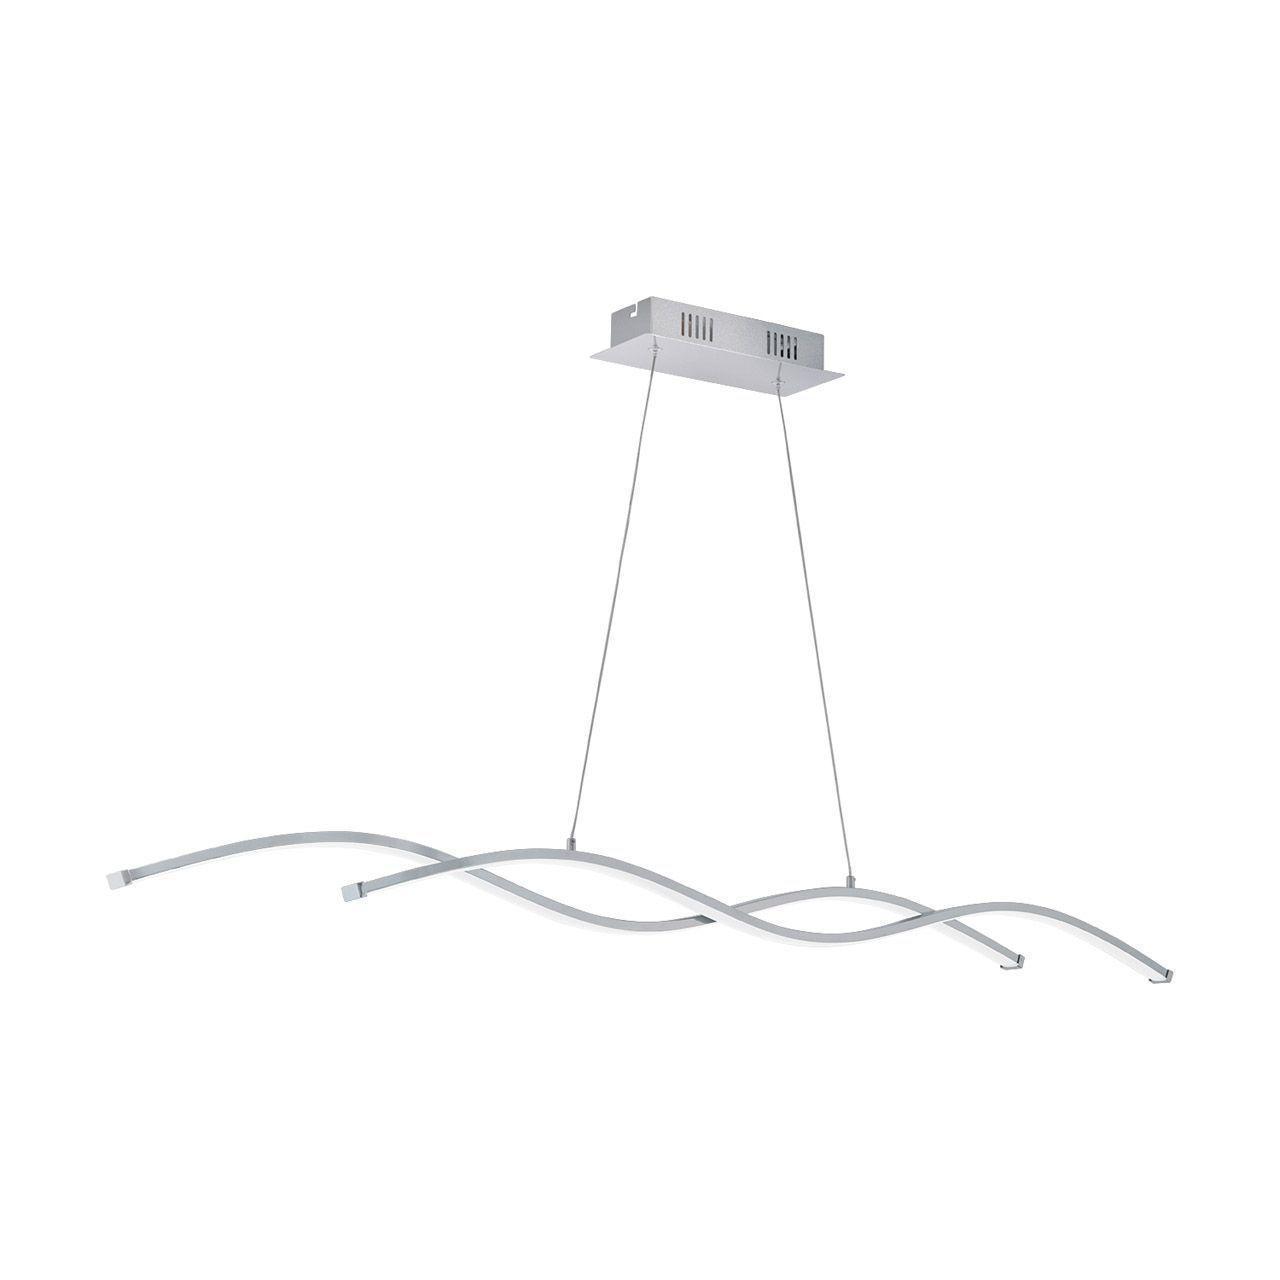 Подвесной светодиодный светильник Eglo Lasana 2 96104 eglo подвесной светильник eglo truro 2 49387